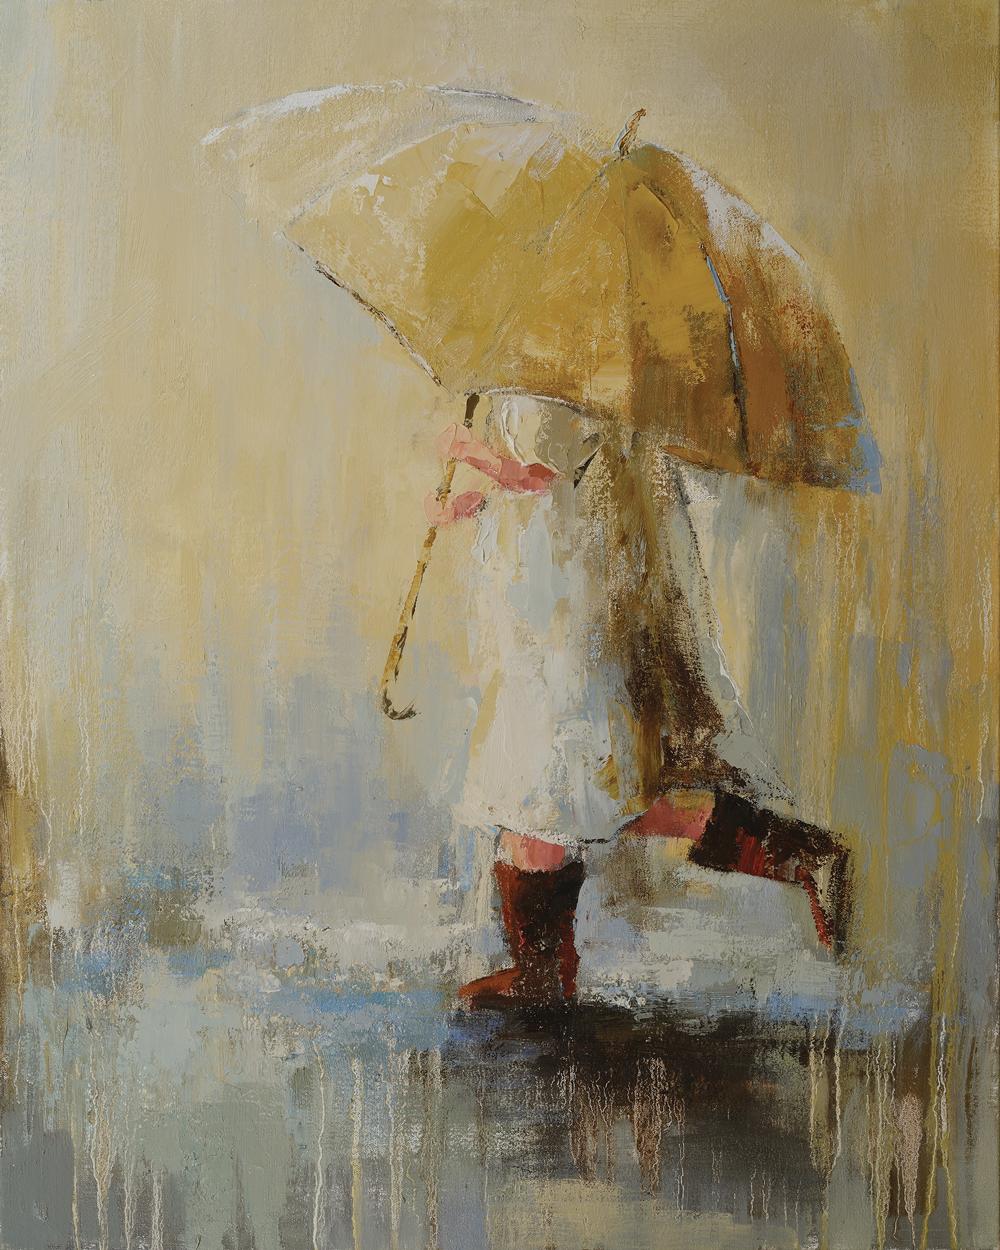 goldenumbrella